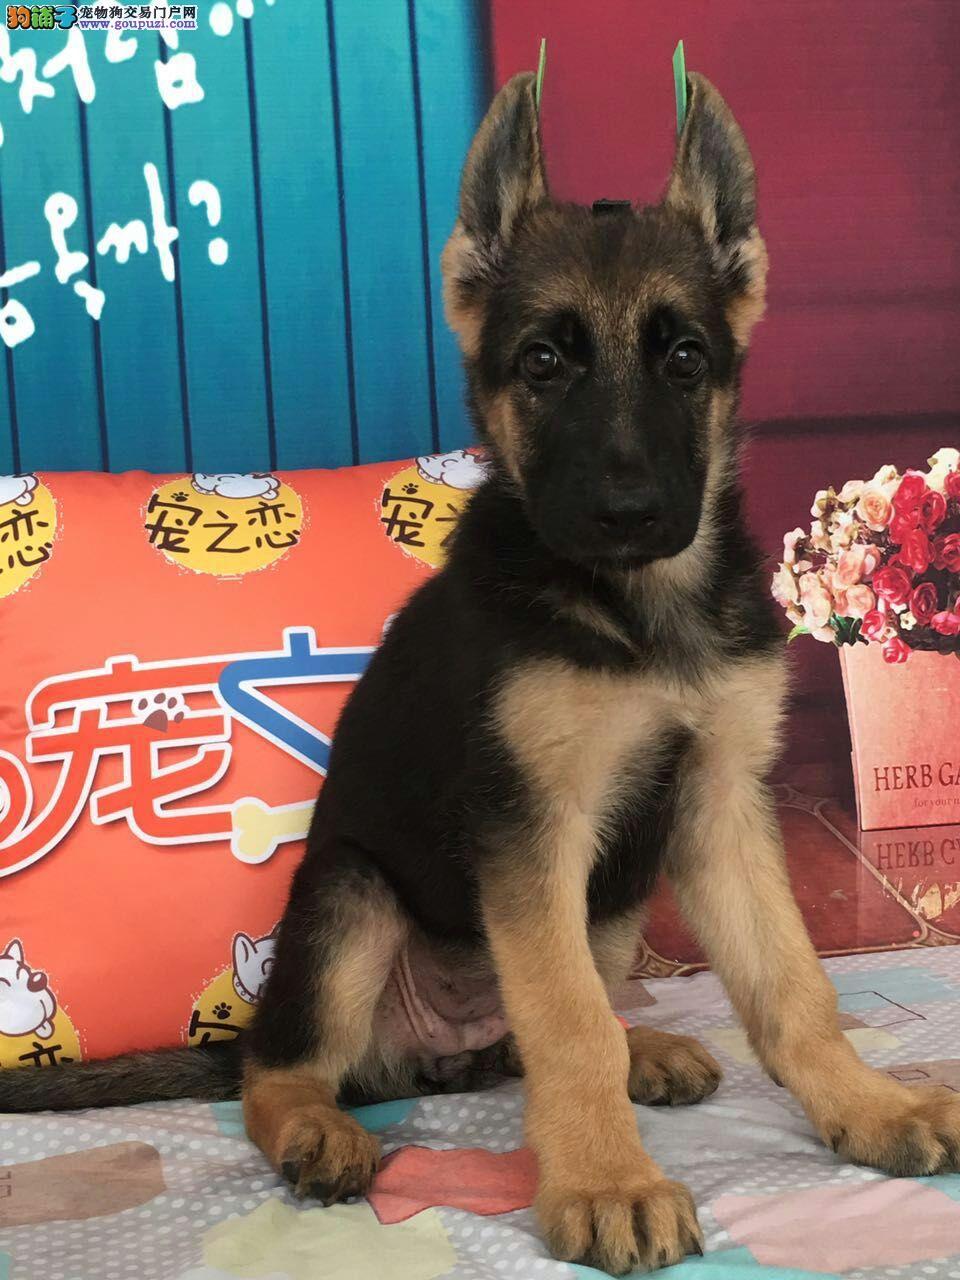 深圳买德国牧羊犬、必去宠之恋、高品质带芯片、包活